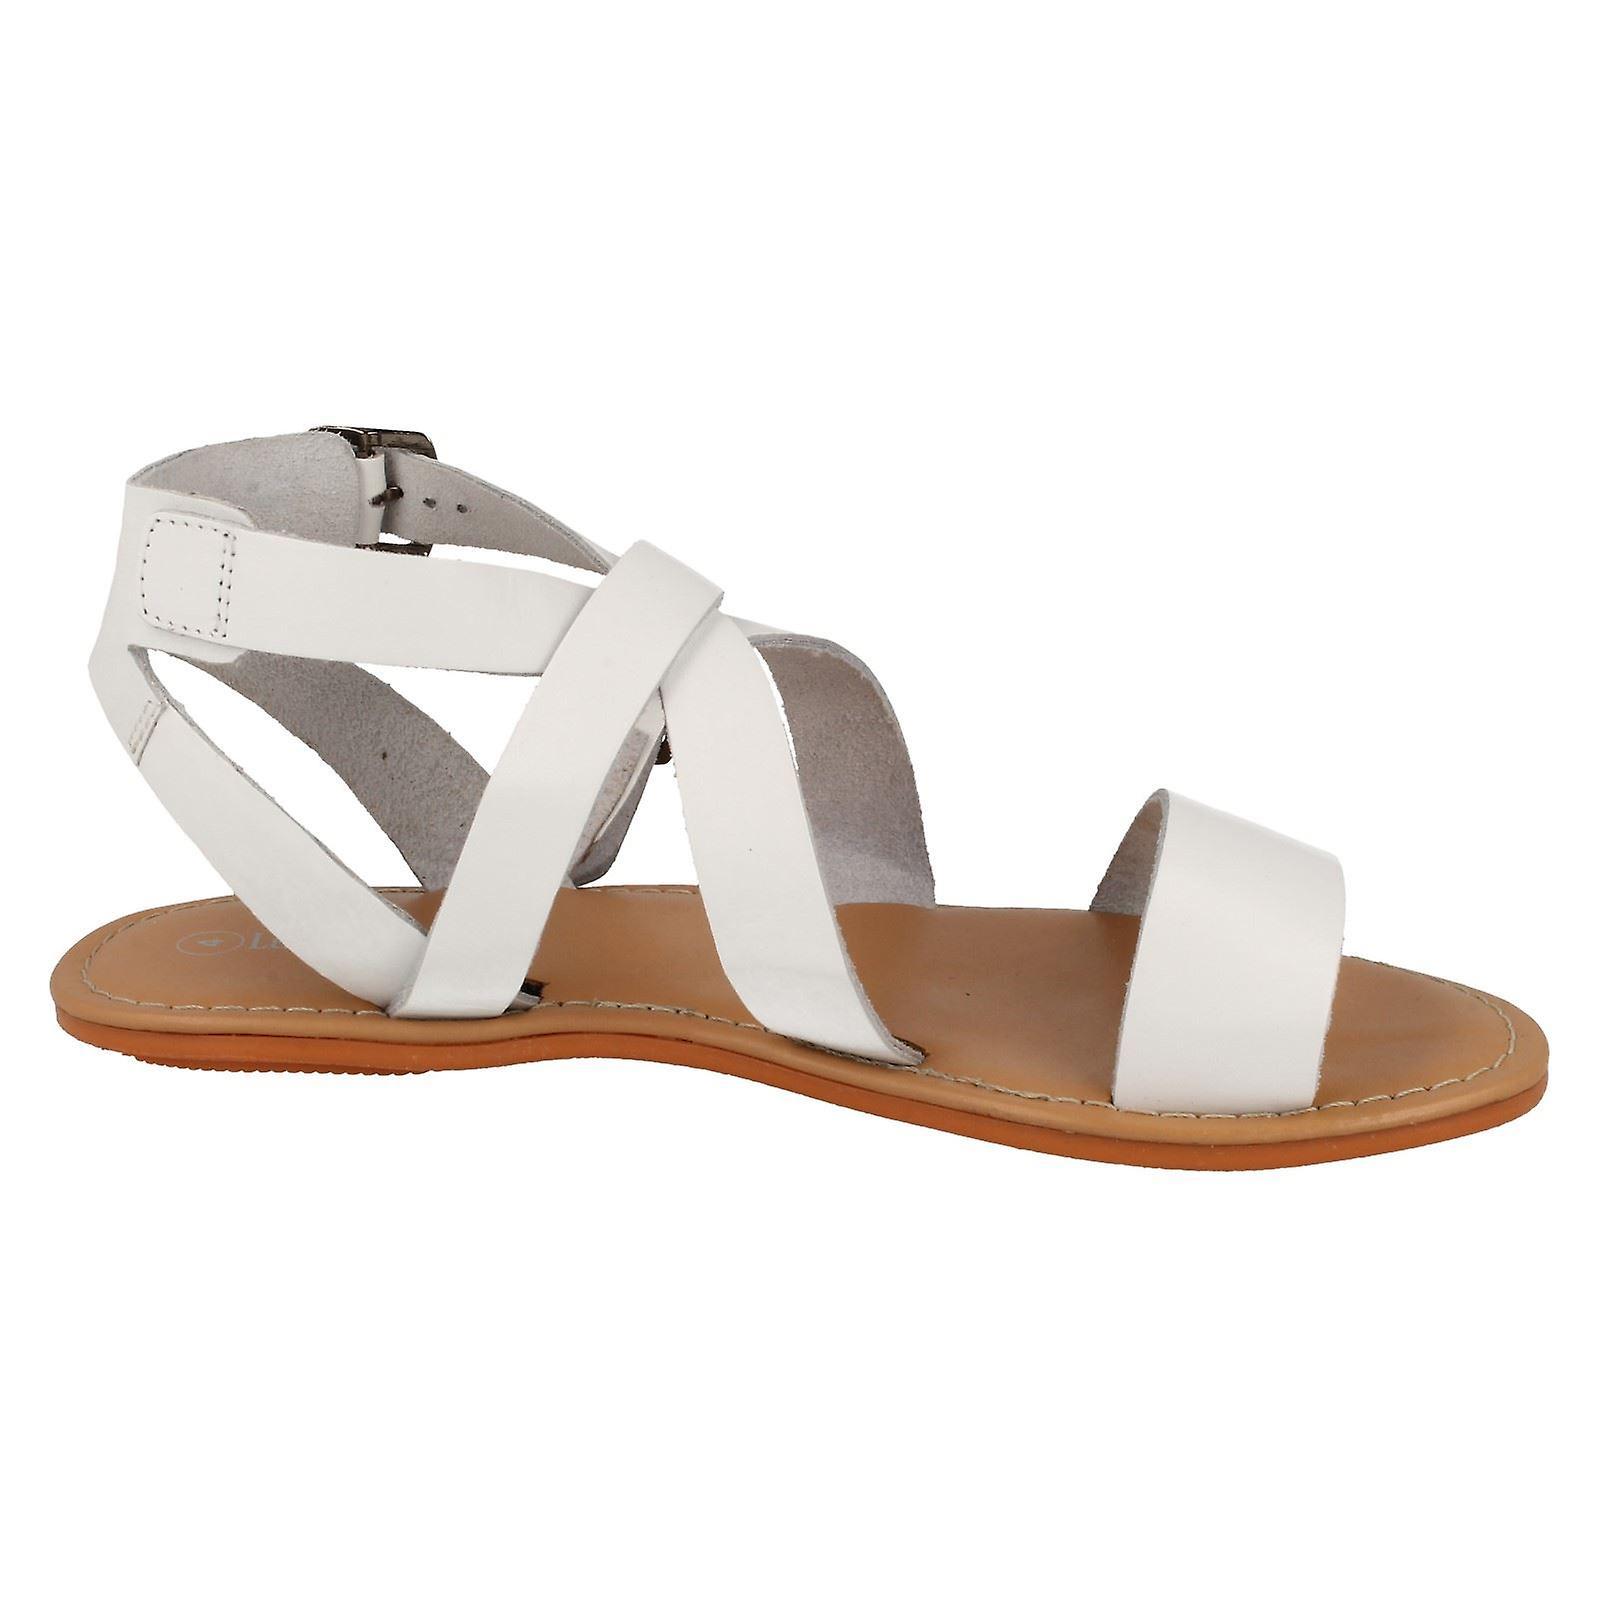 Skórzane damskie/Panie kolekcji lato paski sandały